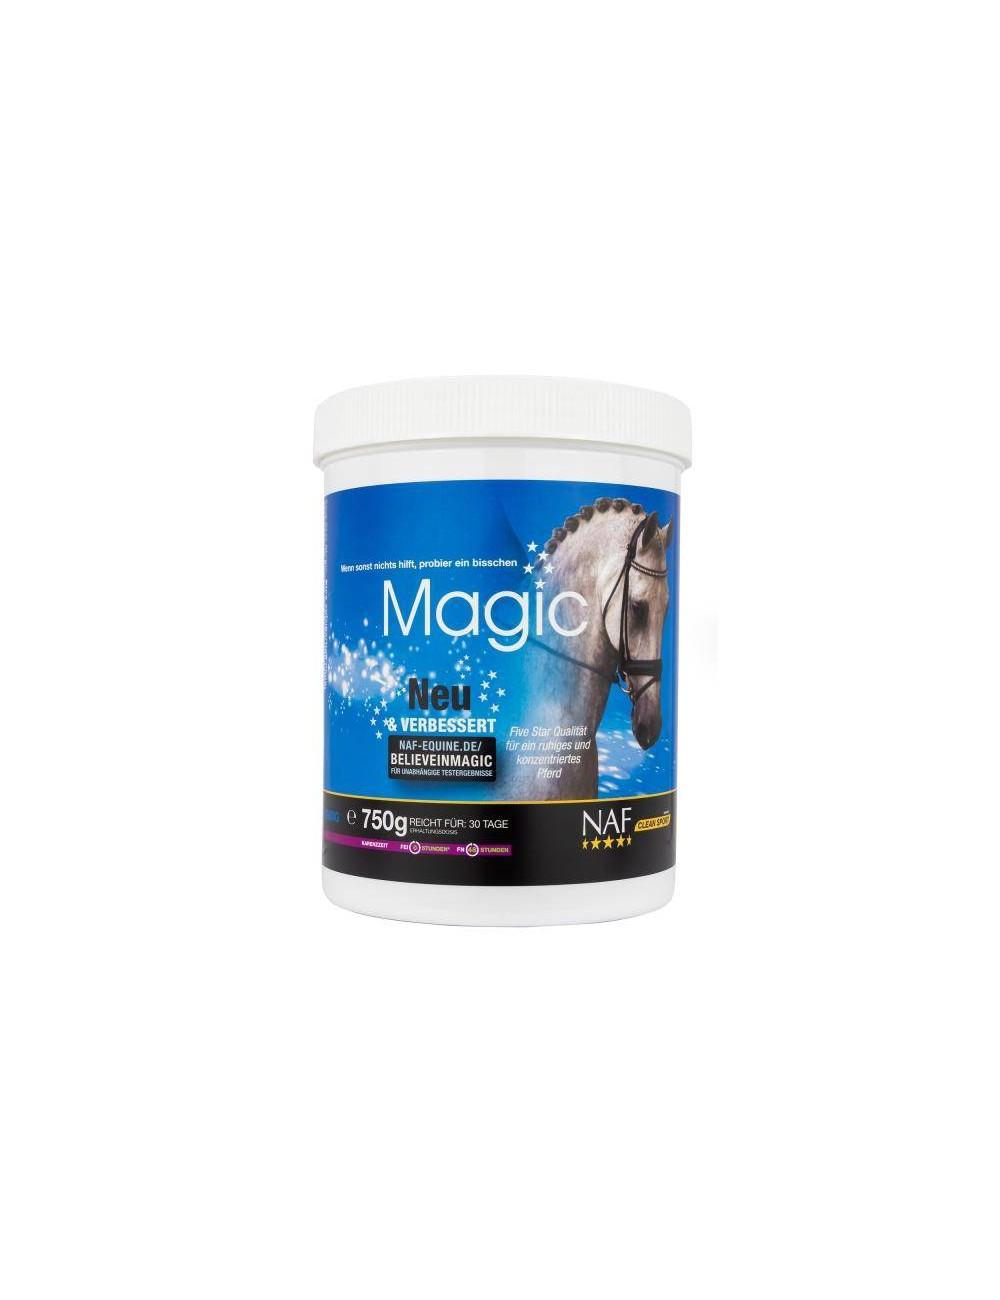 NAF Magic 5 Star Pulver